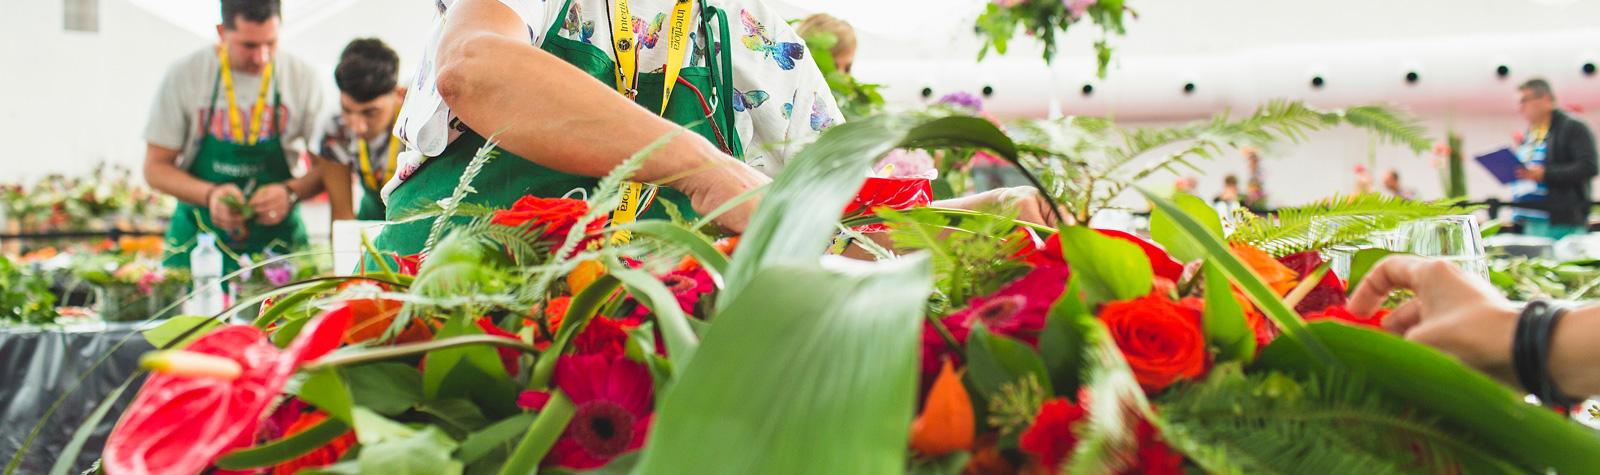 Resumen corto del MAF 2015. Mejor Artesano Florista